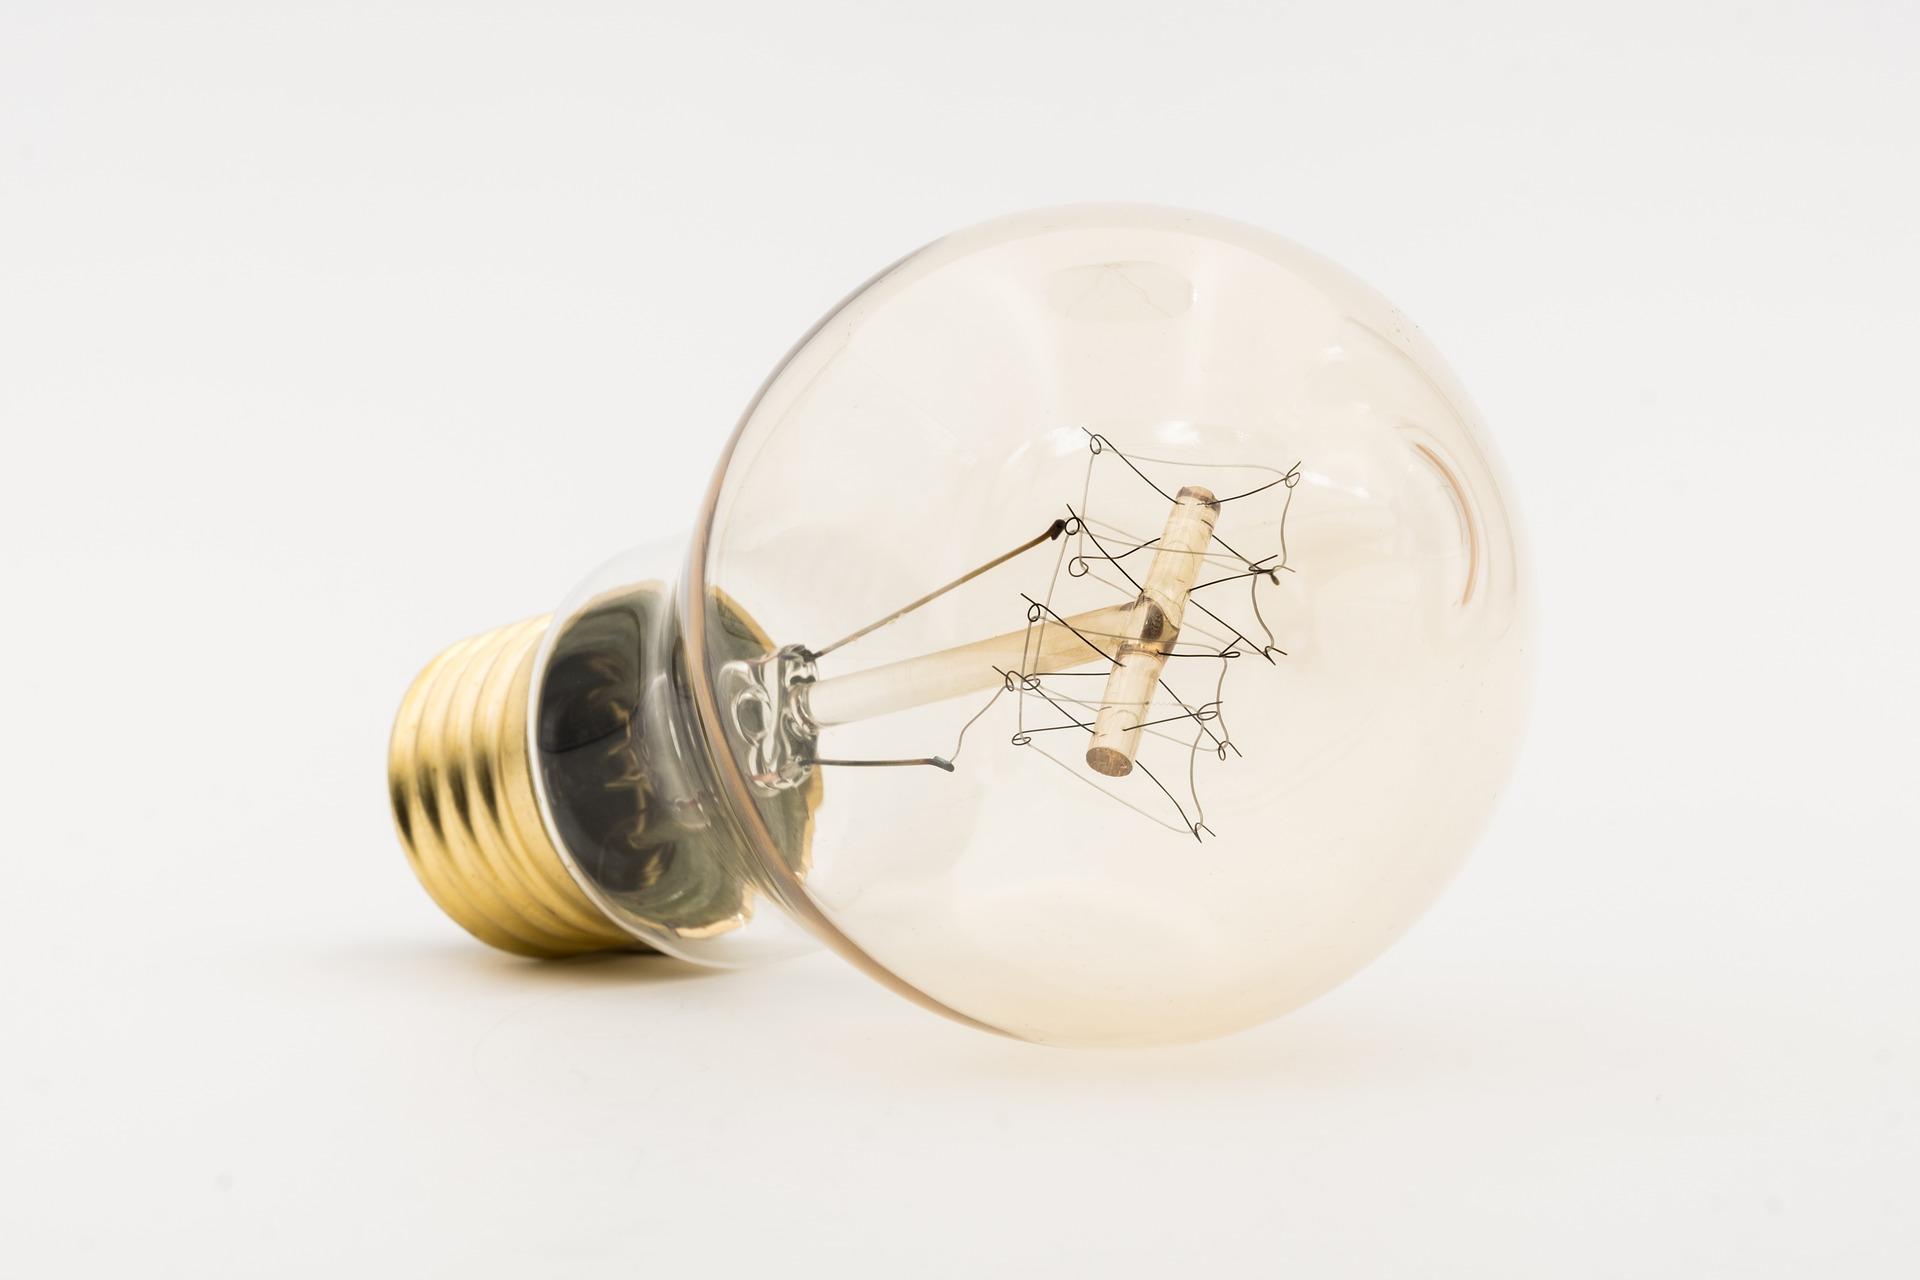 bulbs-3366585_1920